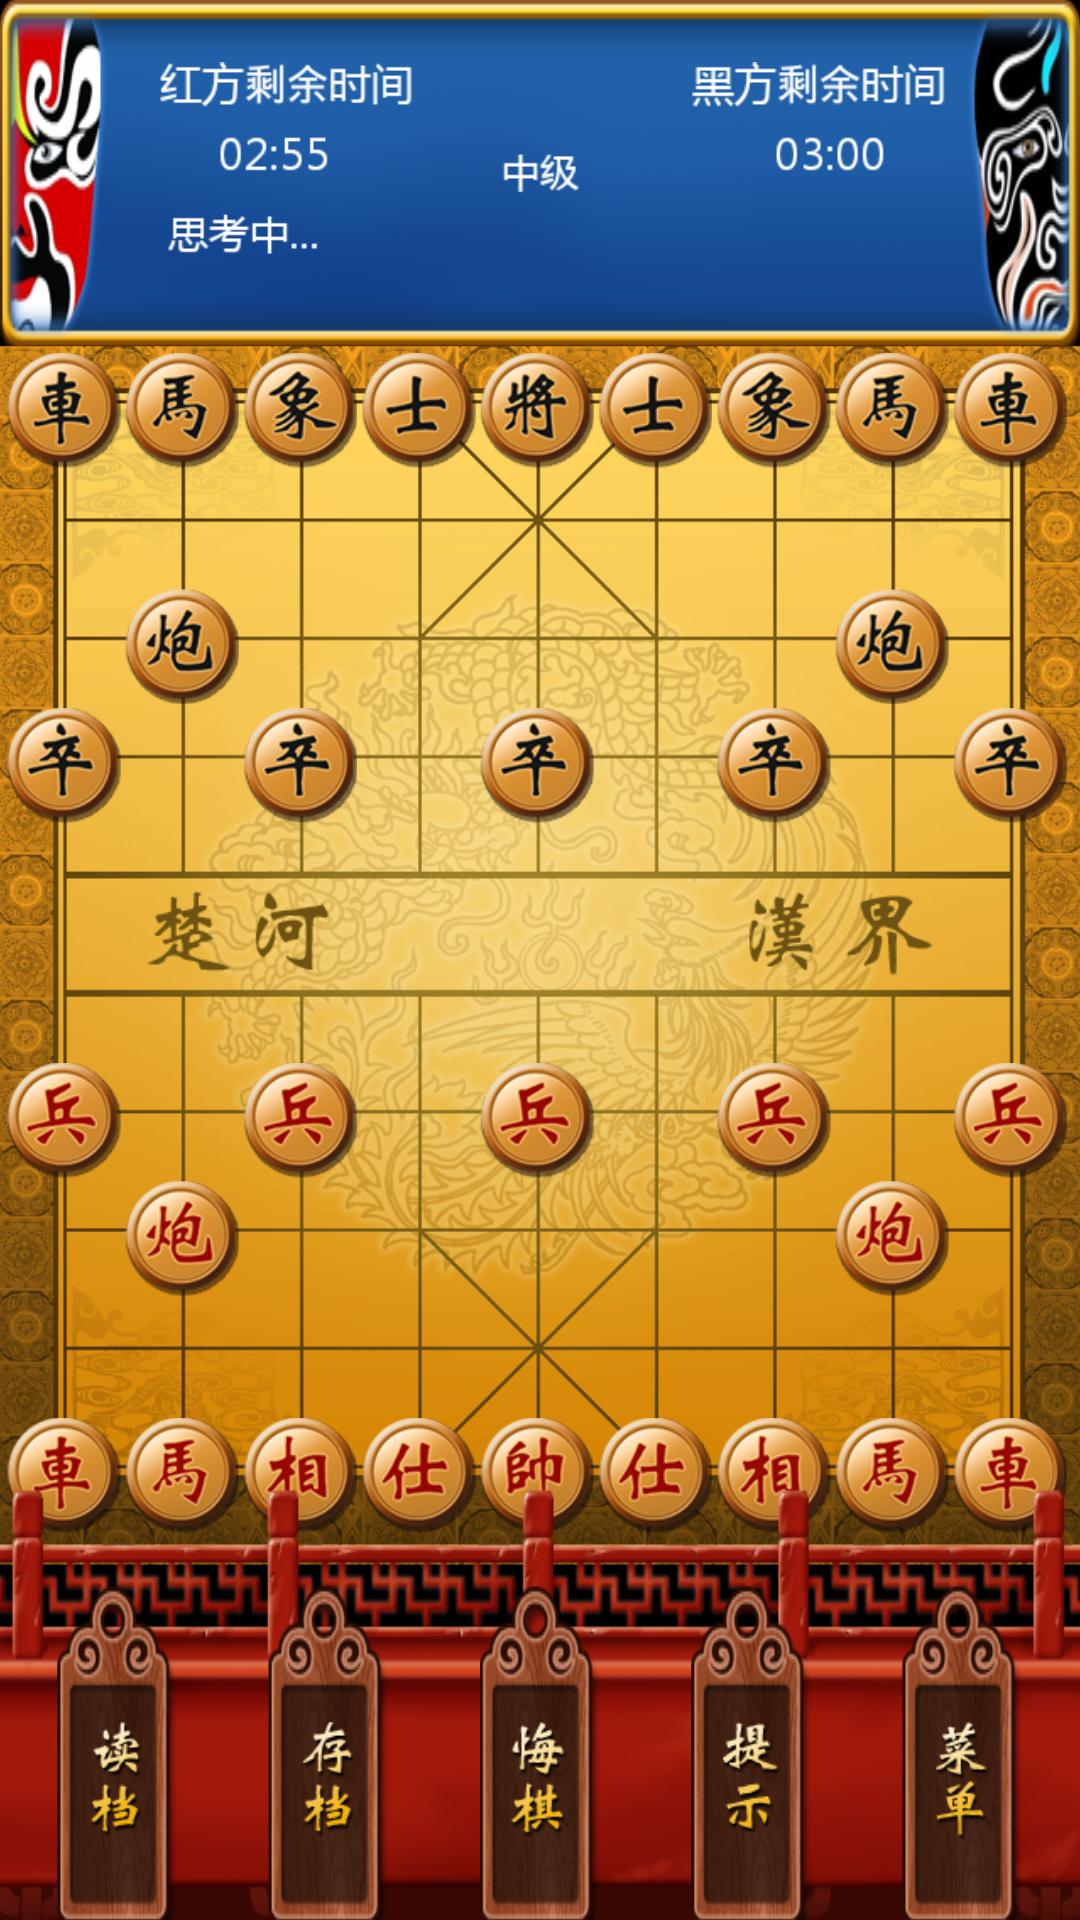 下载之家 安卓首页 安卓游戏 棋牌麻将 天天下象棋  软件截图